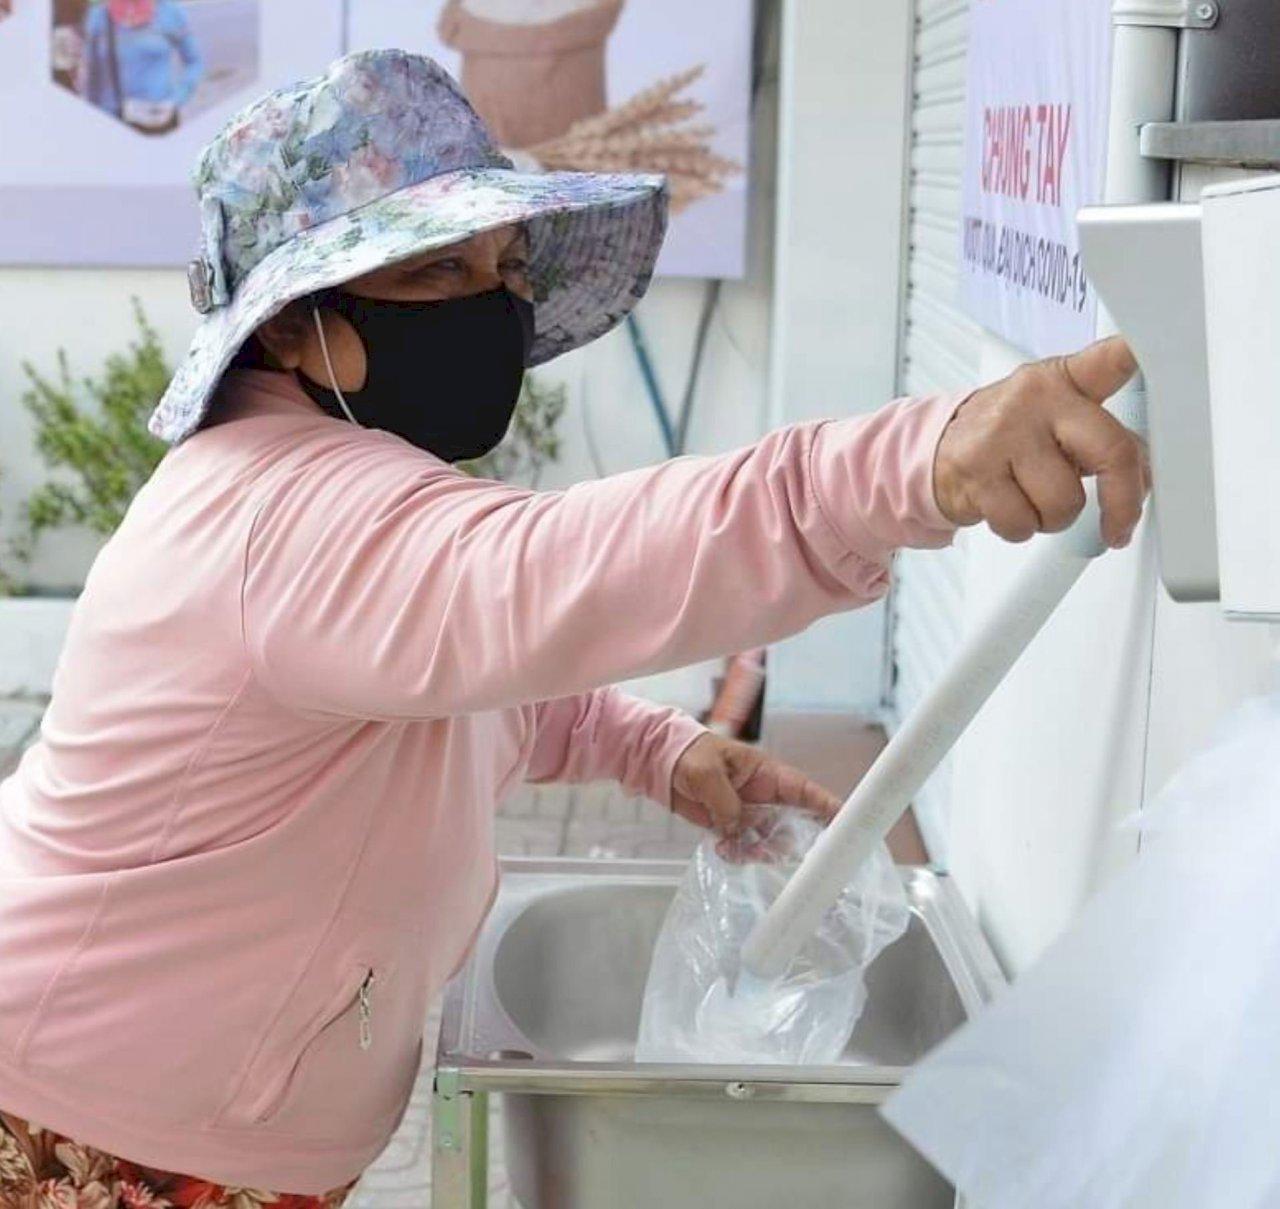 武漢肺炎封城 越南企業老闆提供窮人免費「白米ATM」